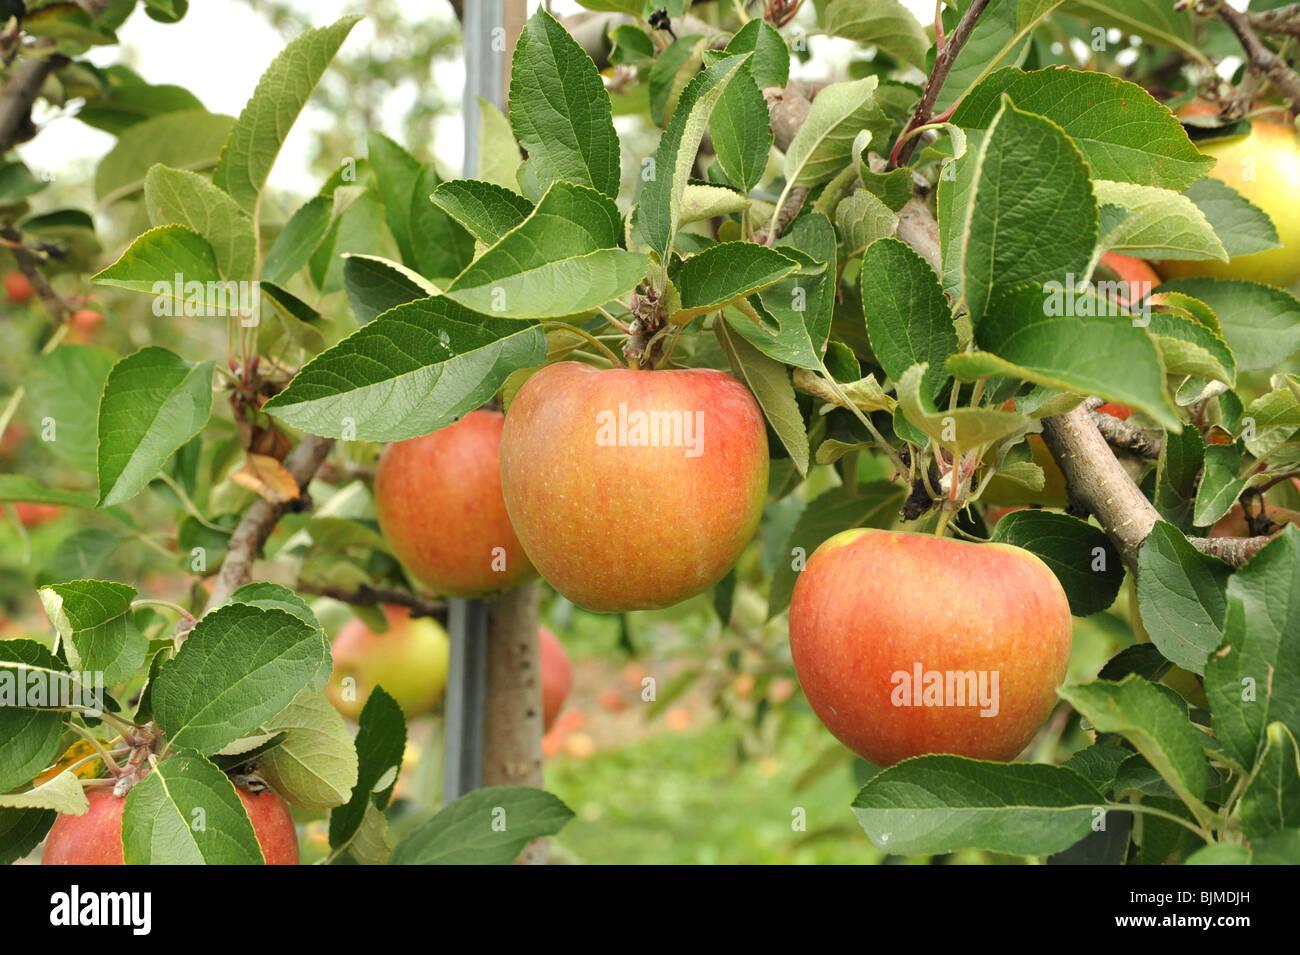 Reife rote Äpfel wachsen an einem Baum in einem Obstgarten Stockbild